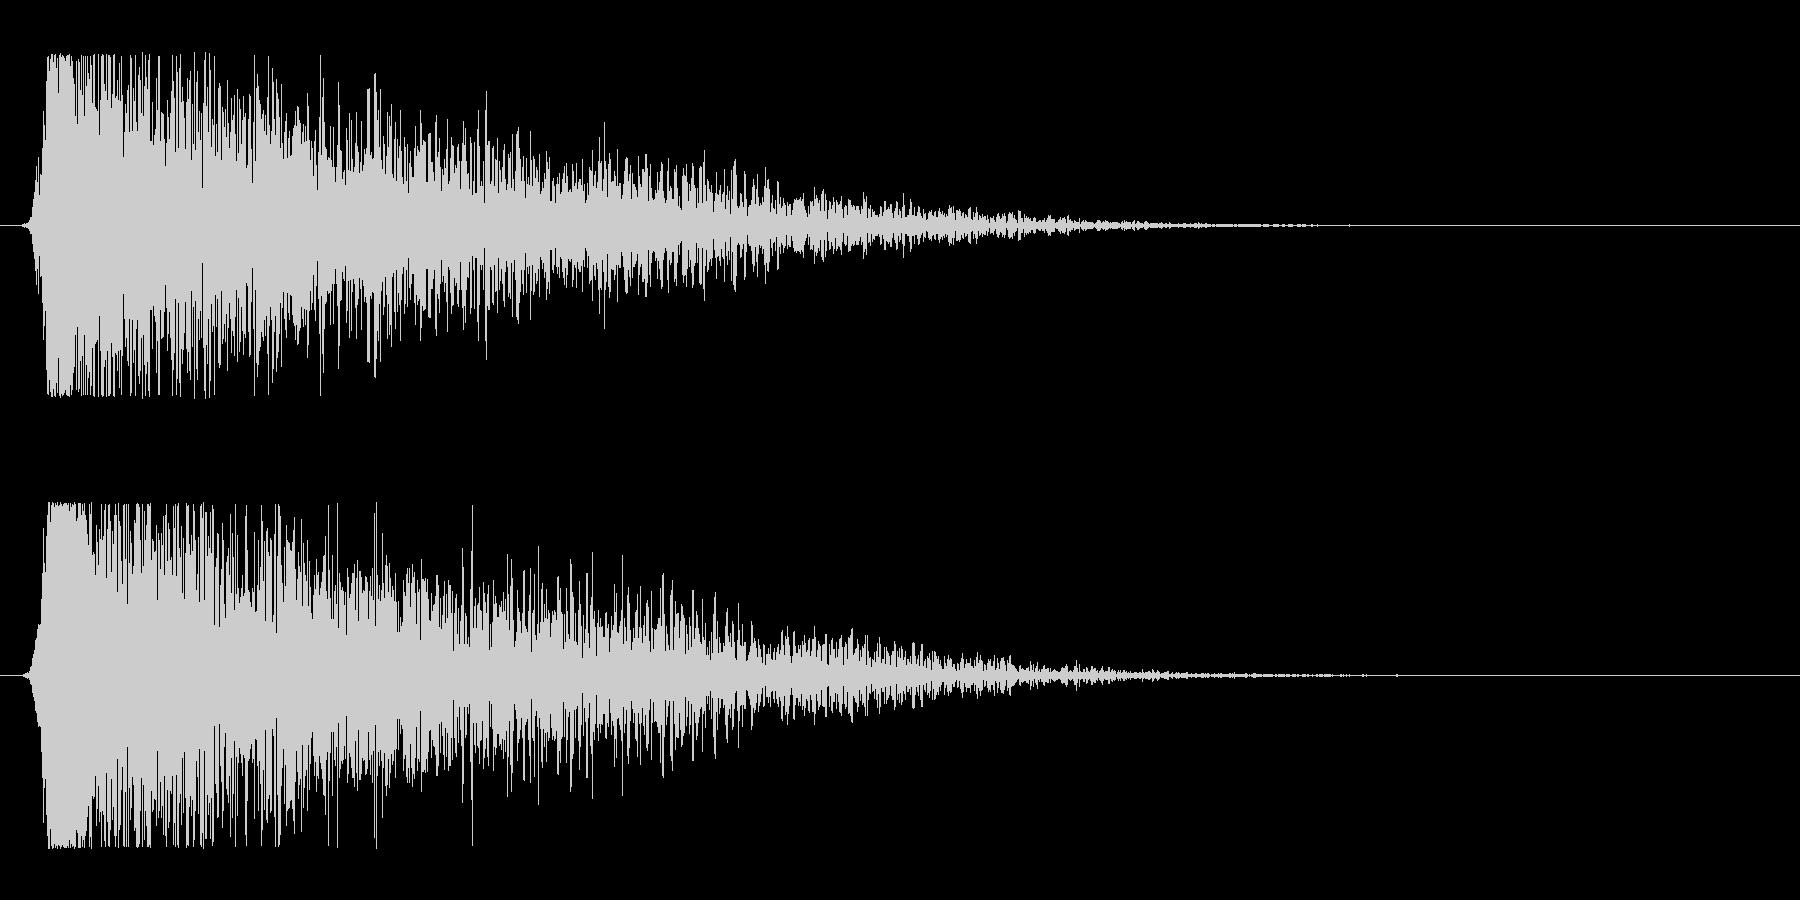 シュードーン-15(インパクト音)の未再生の波形